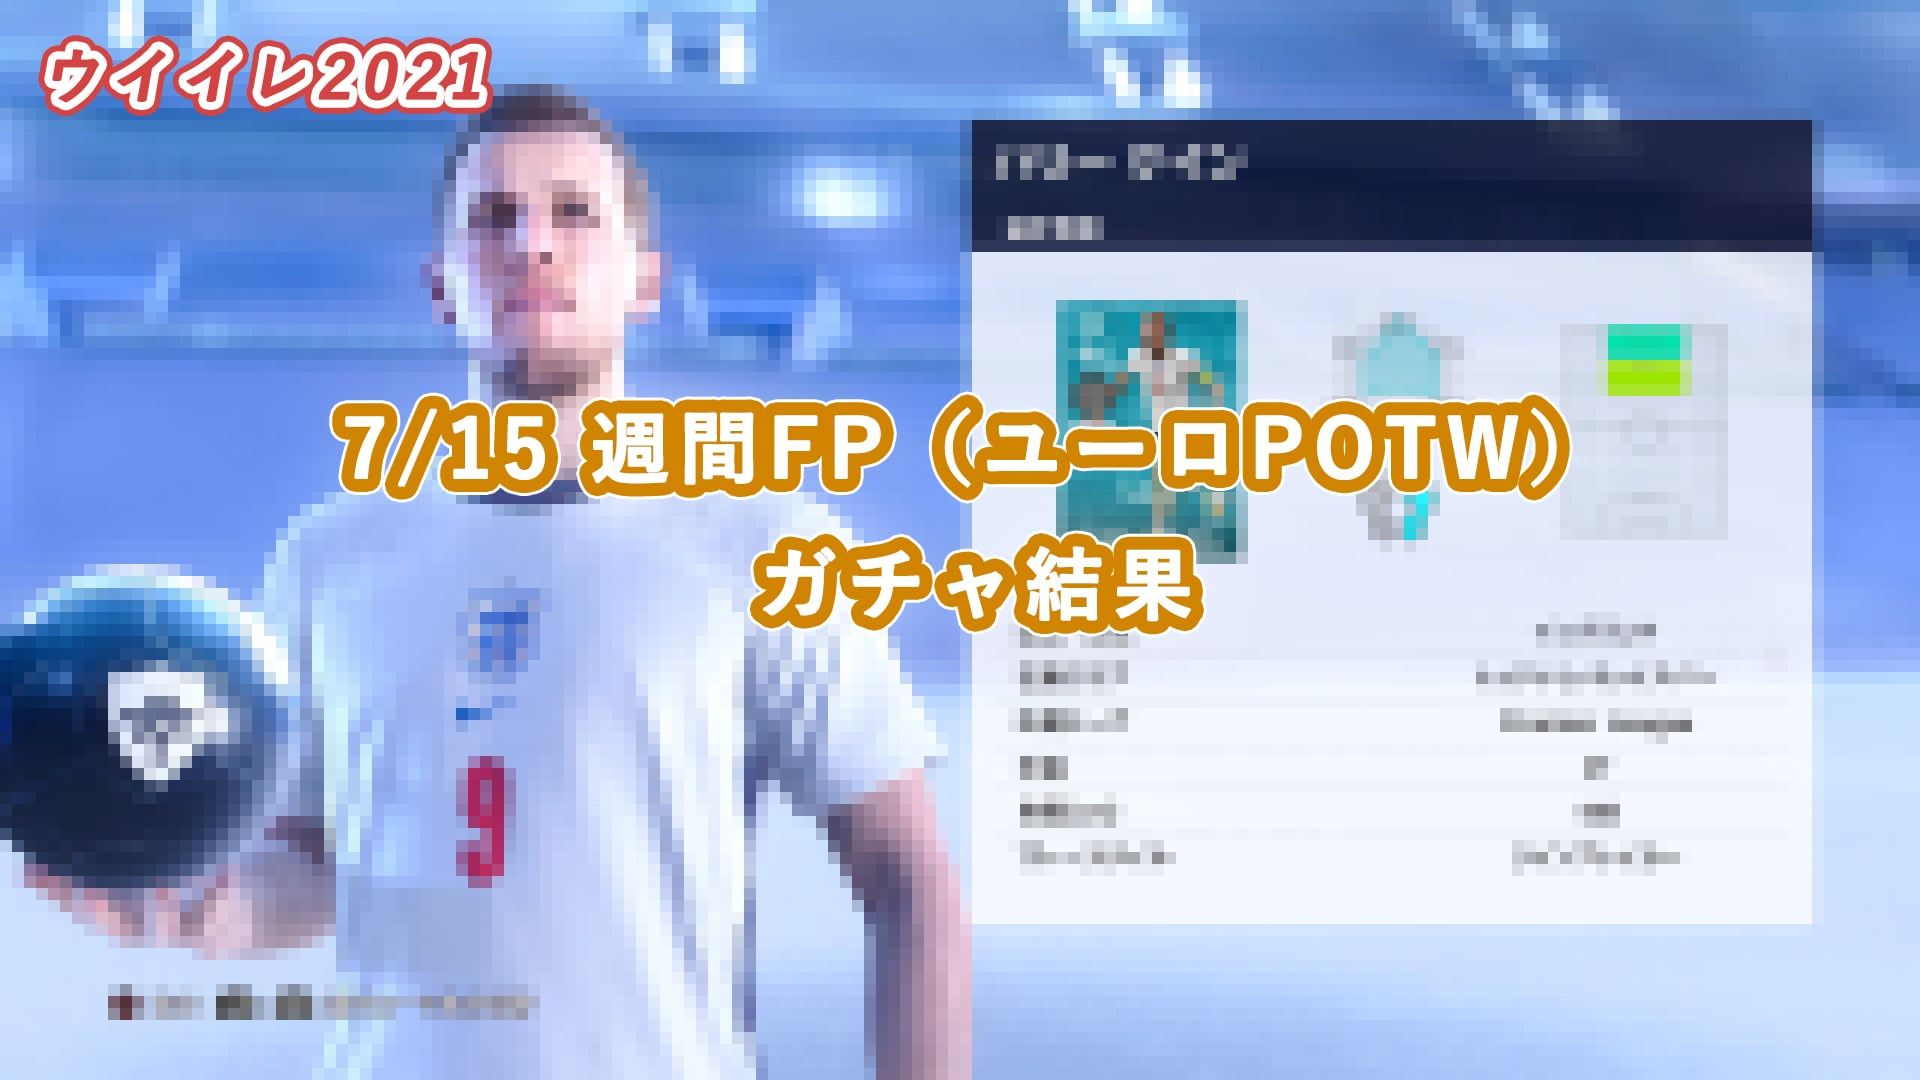 【ウイイレ2021】7/15 週間FP(ユーロPOTW)ガチャ結果